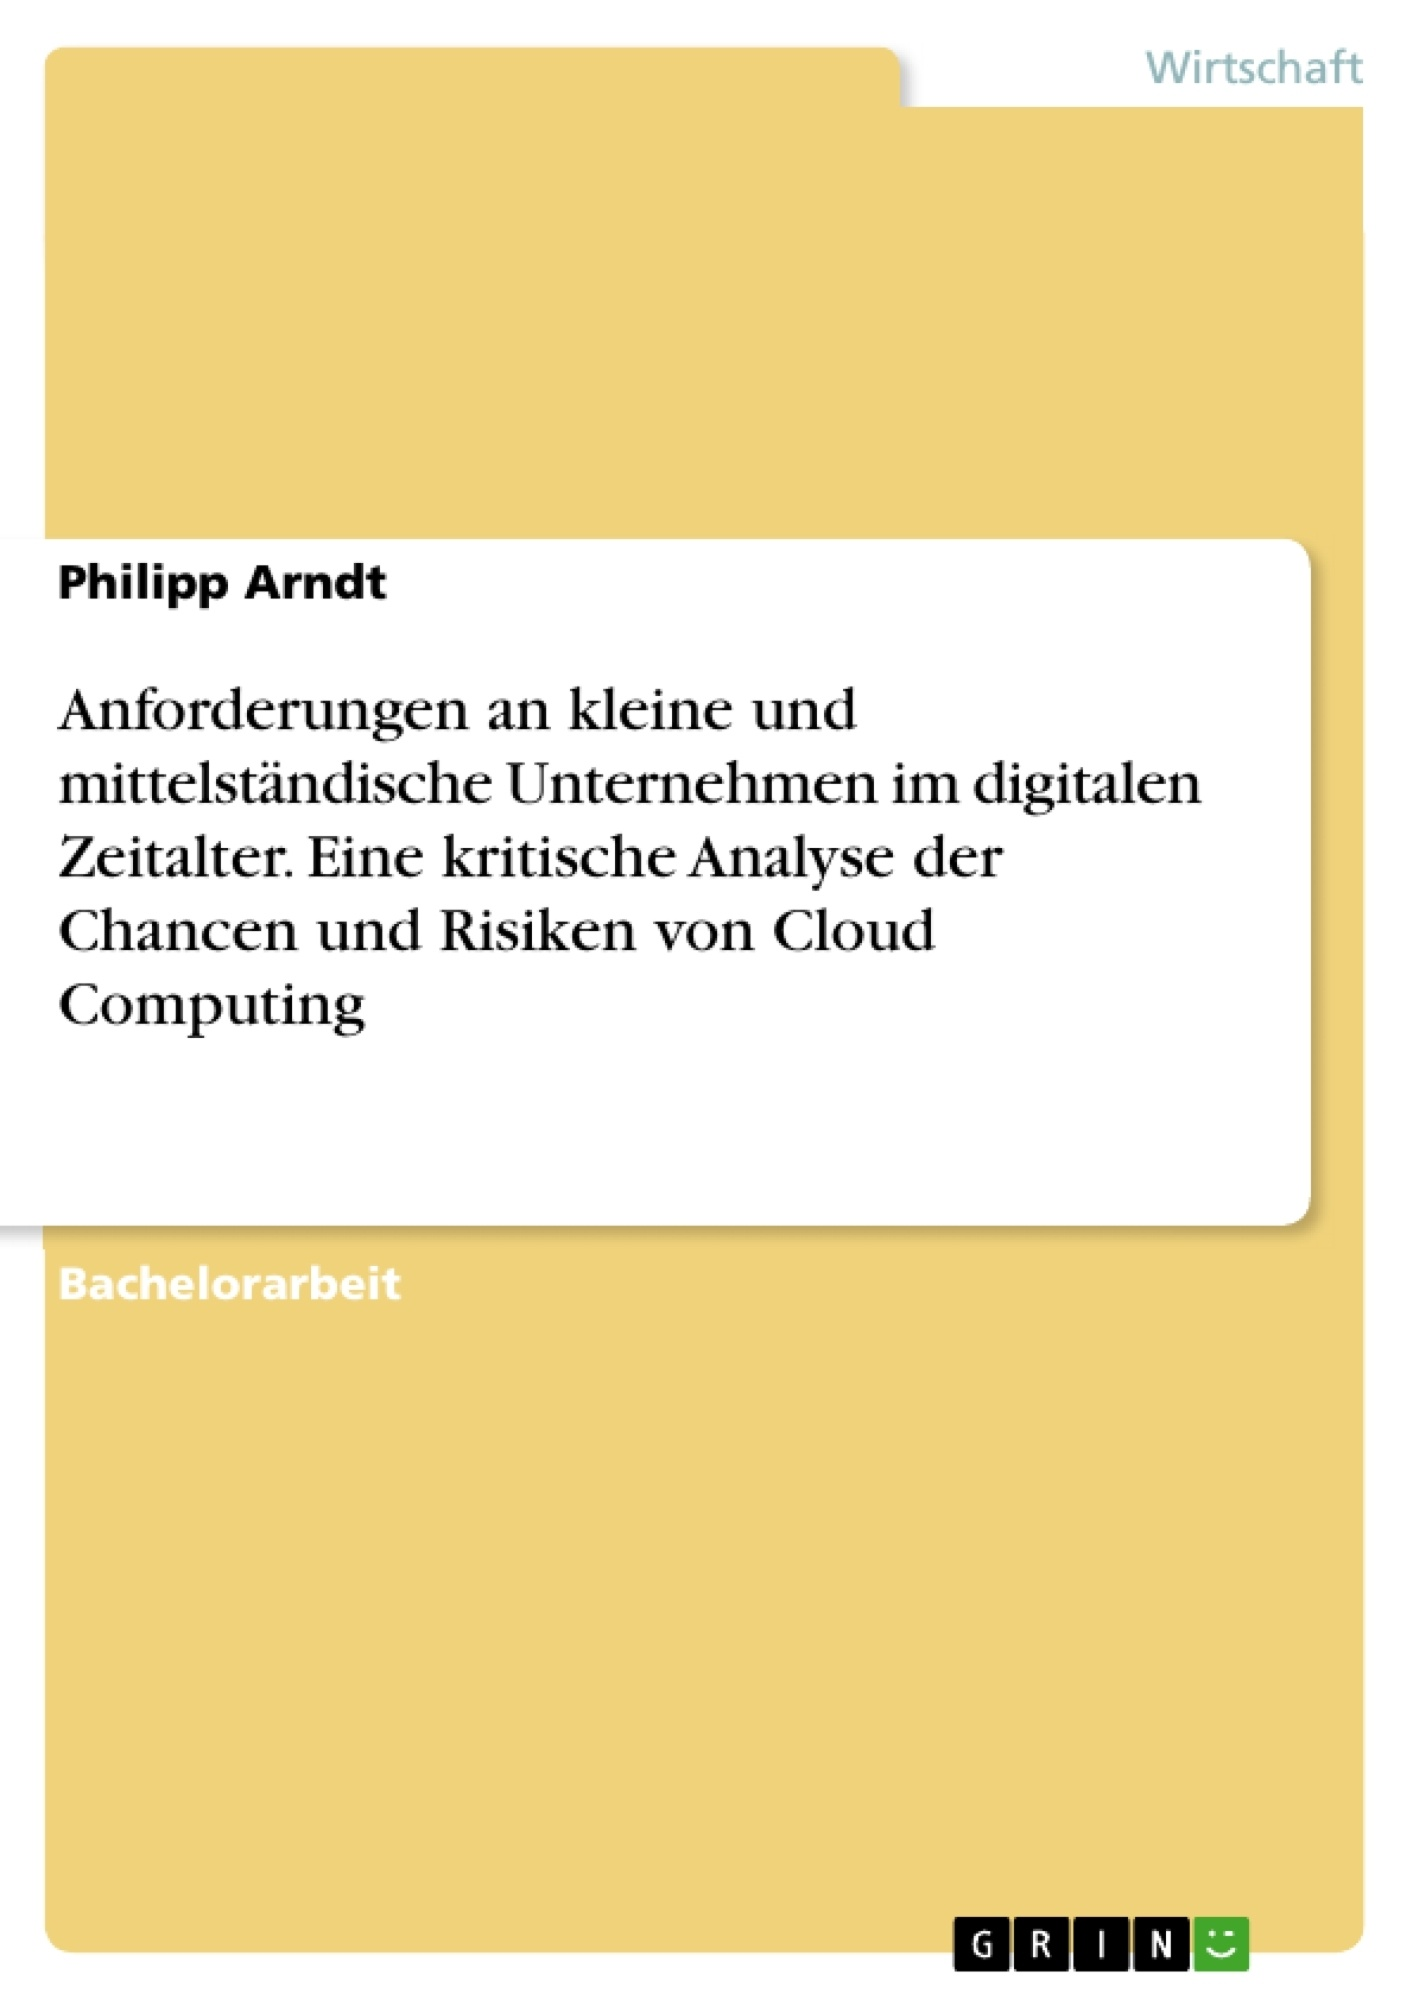 Titel: Anforderungen an kleine und mittelständische Unternehmen im digitalen Zeitalter. Eine kritische Analyse der Chancen und Risiken von Cloud Computing